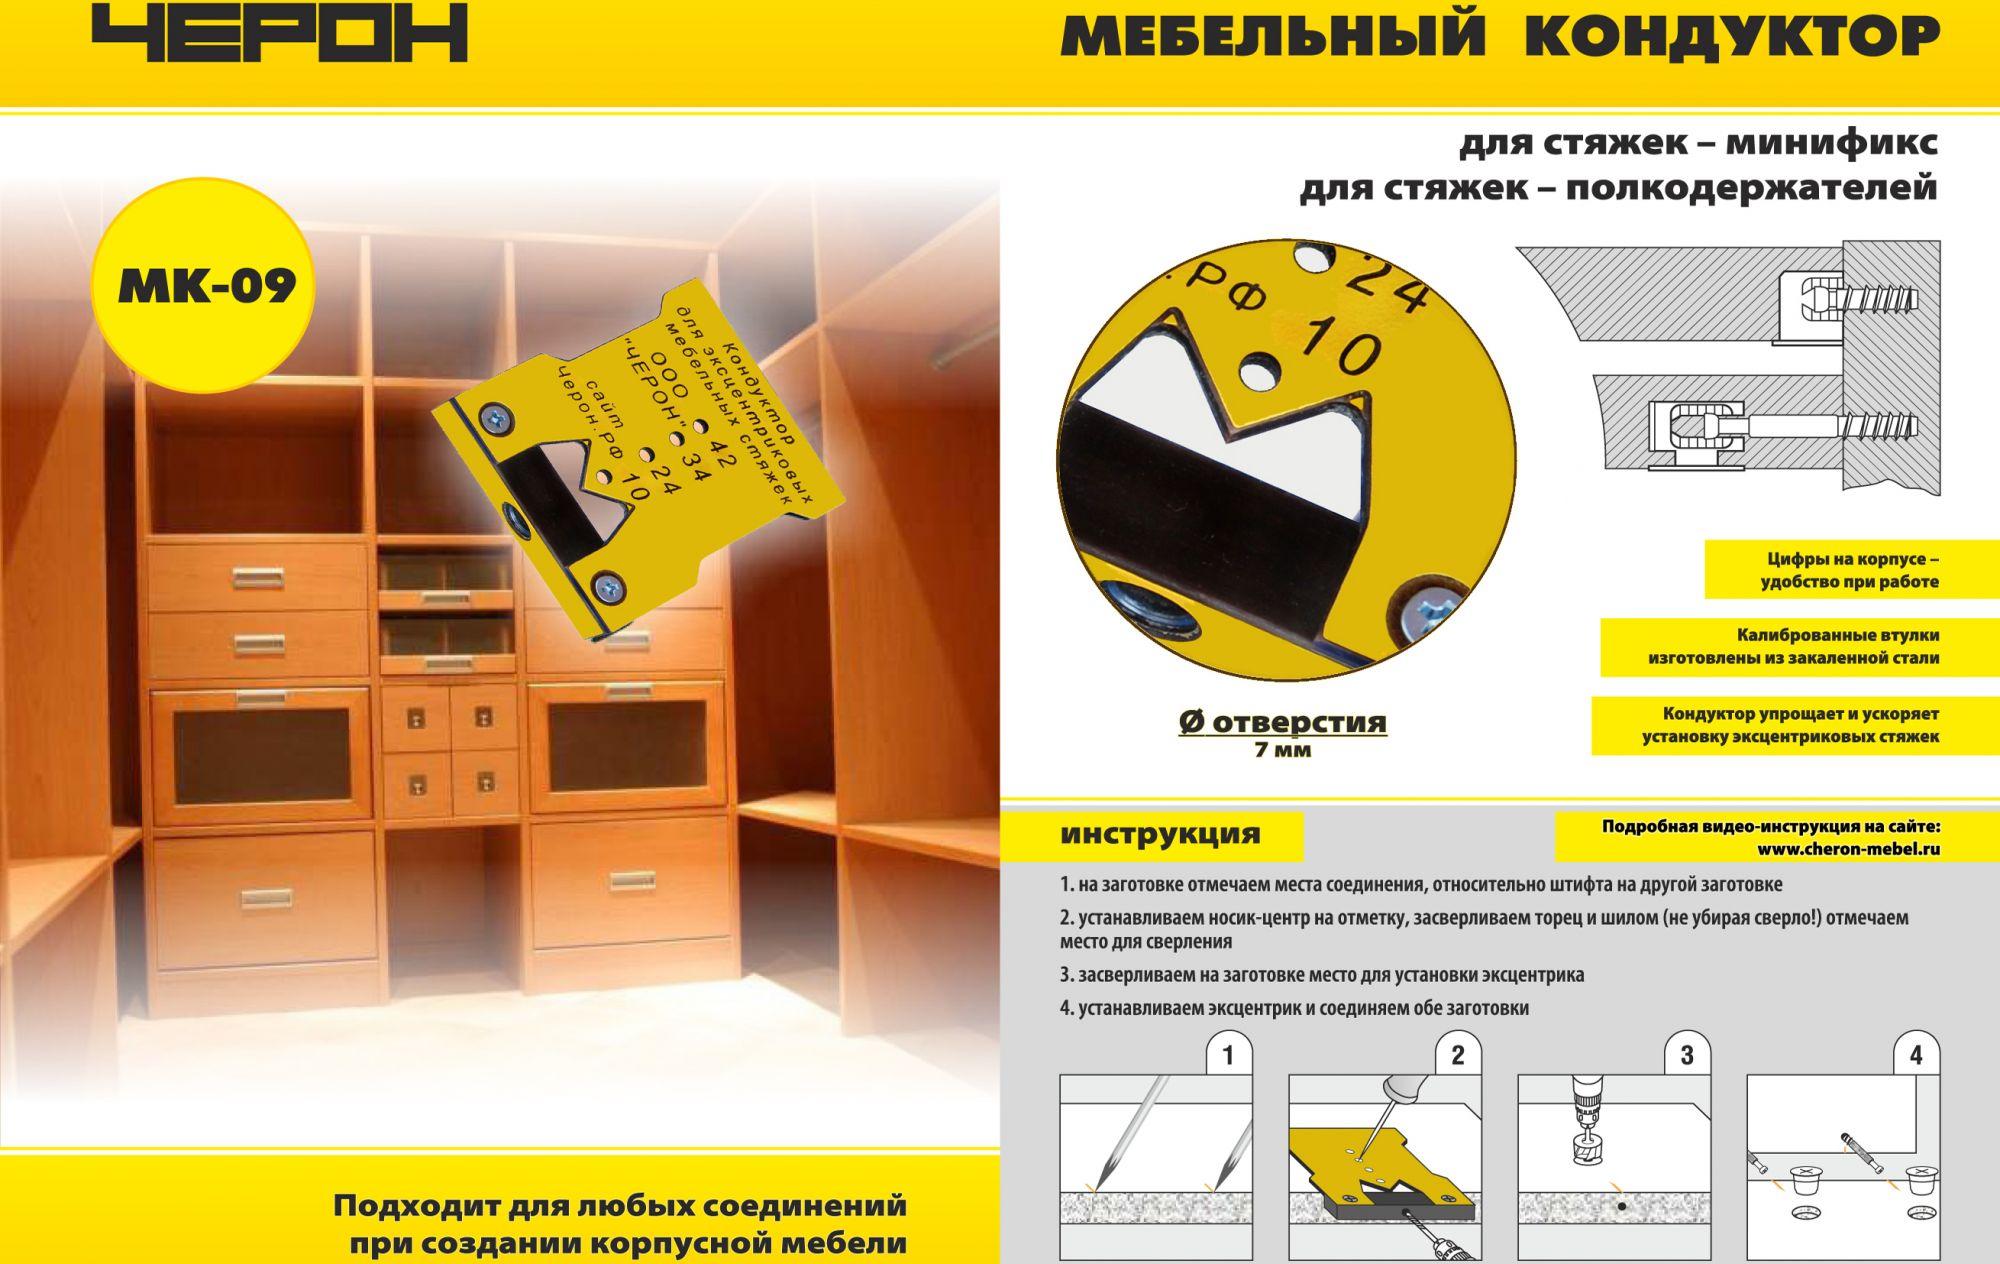 Мебельный кондуктор для эксцентриковых стяжек (минификс), стяжек-полкодержателей, МК-09